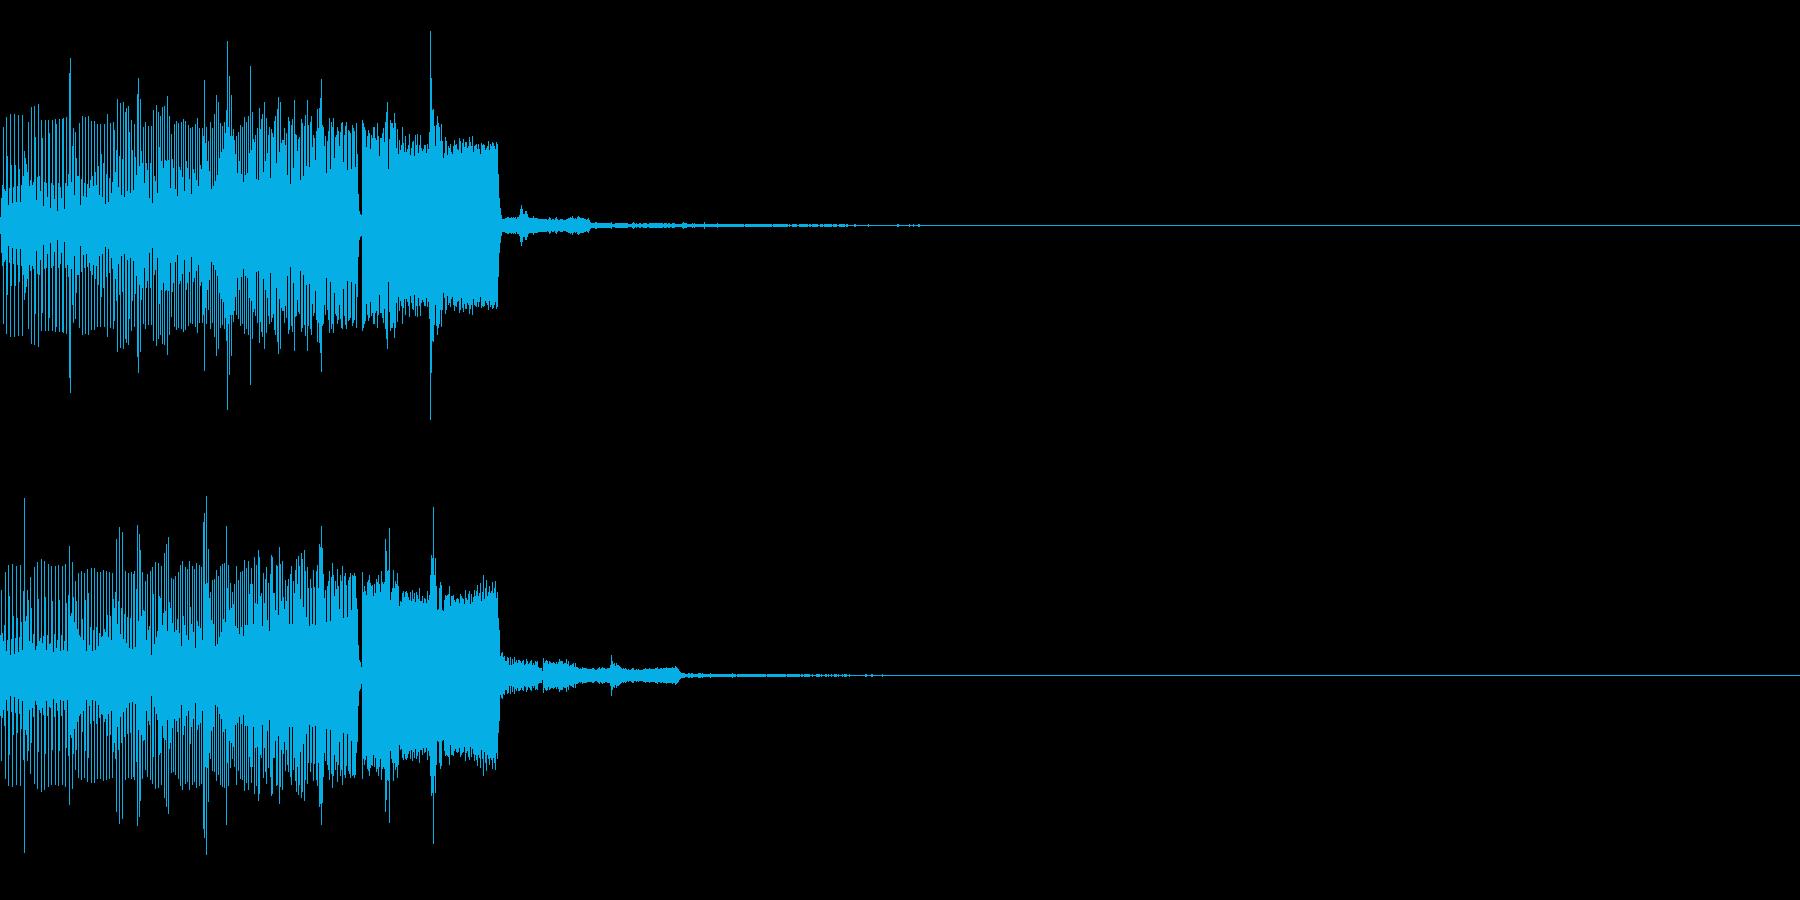 場面転換時などに使える効果音の再生済みの波形